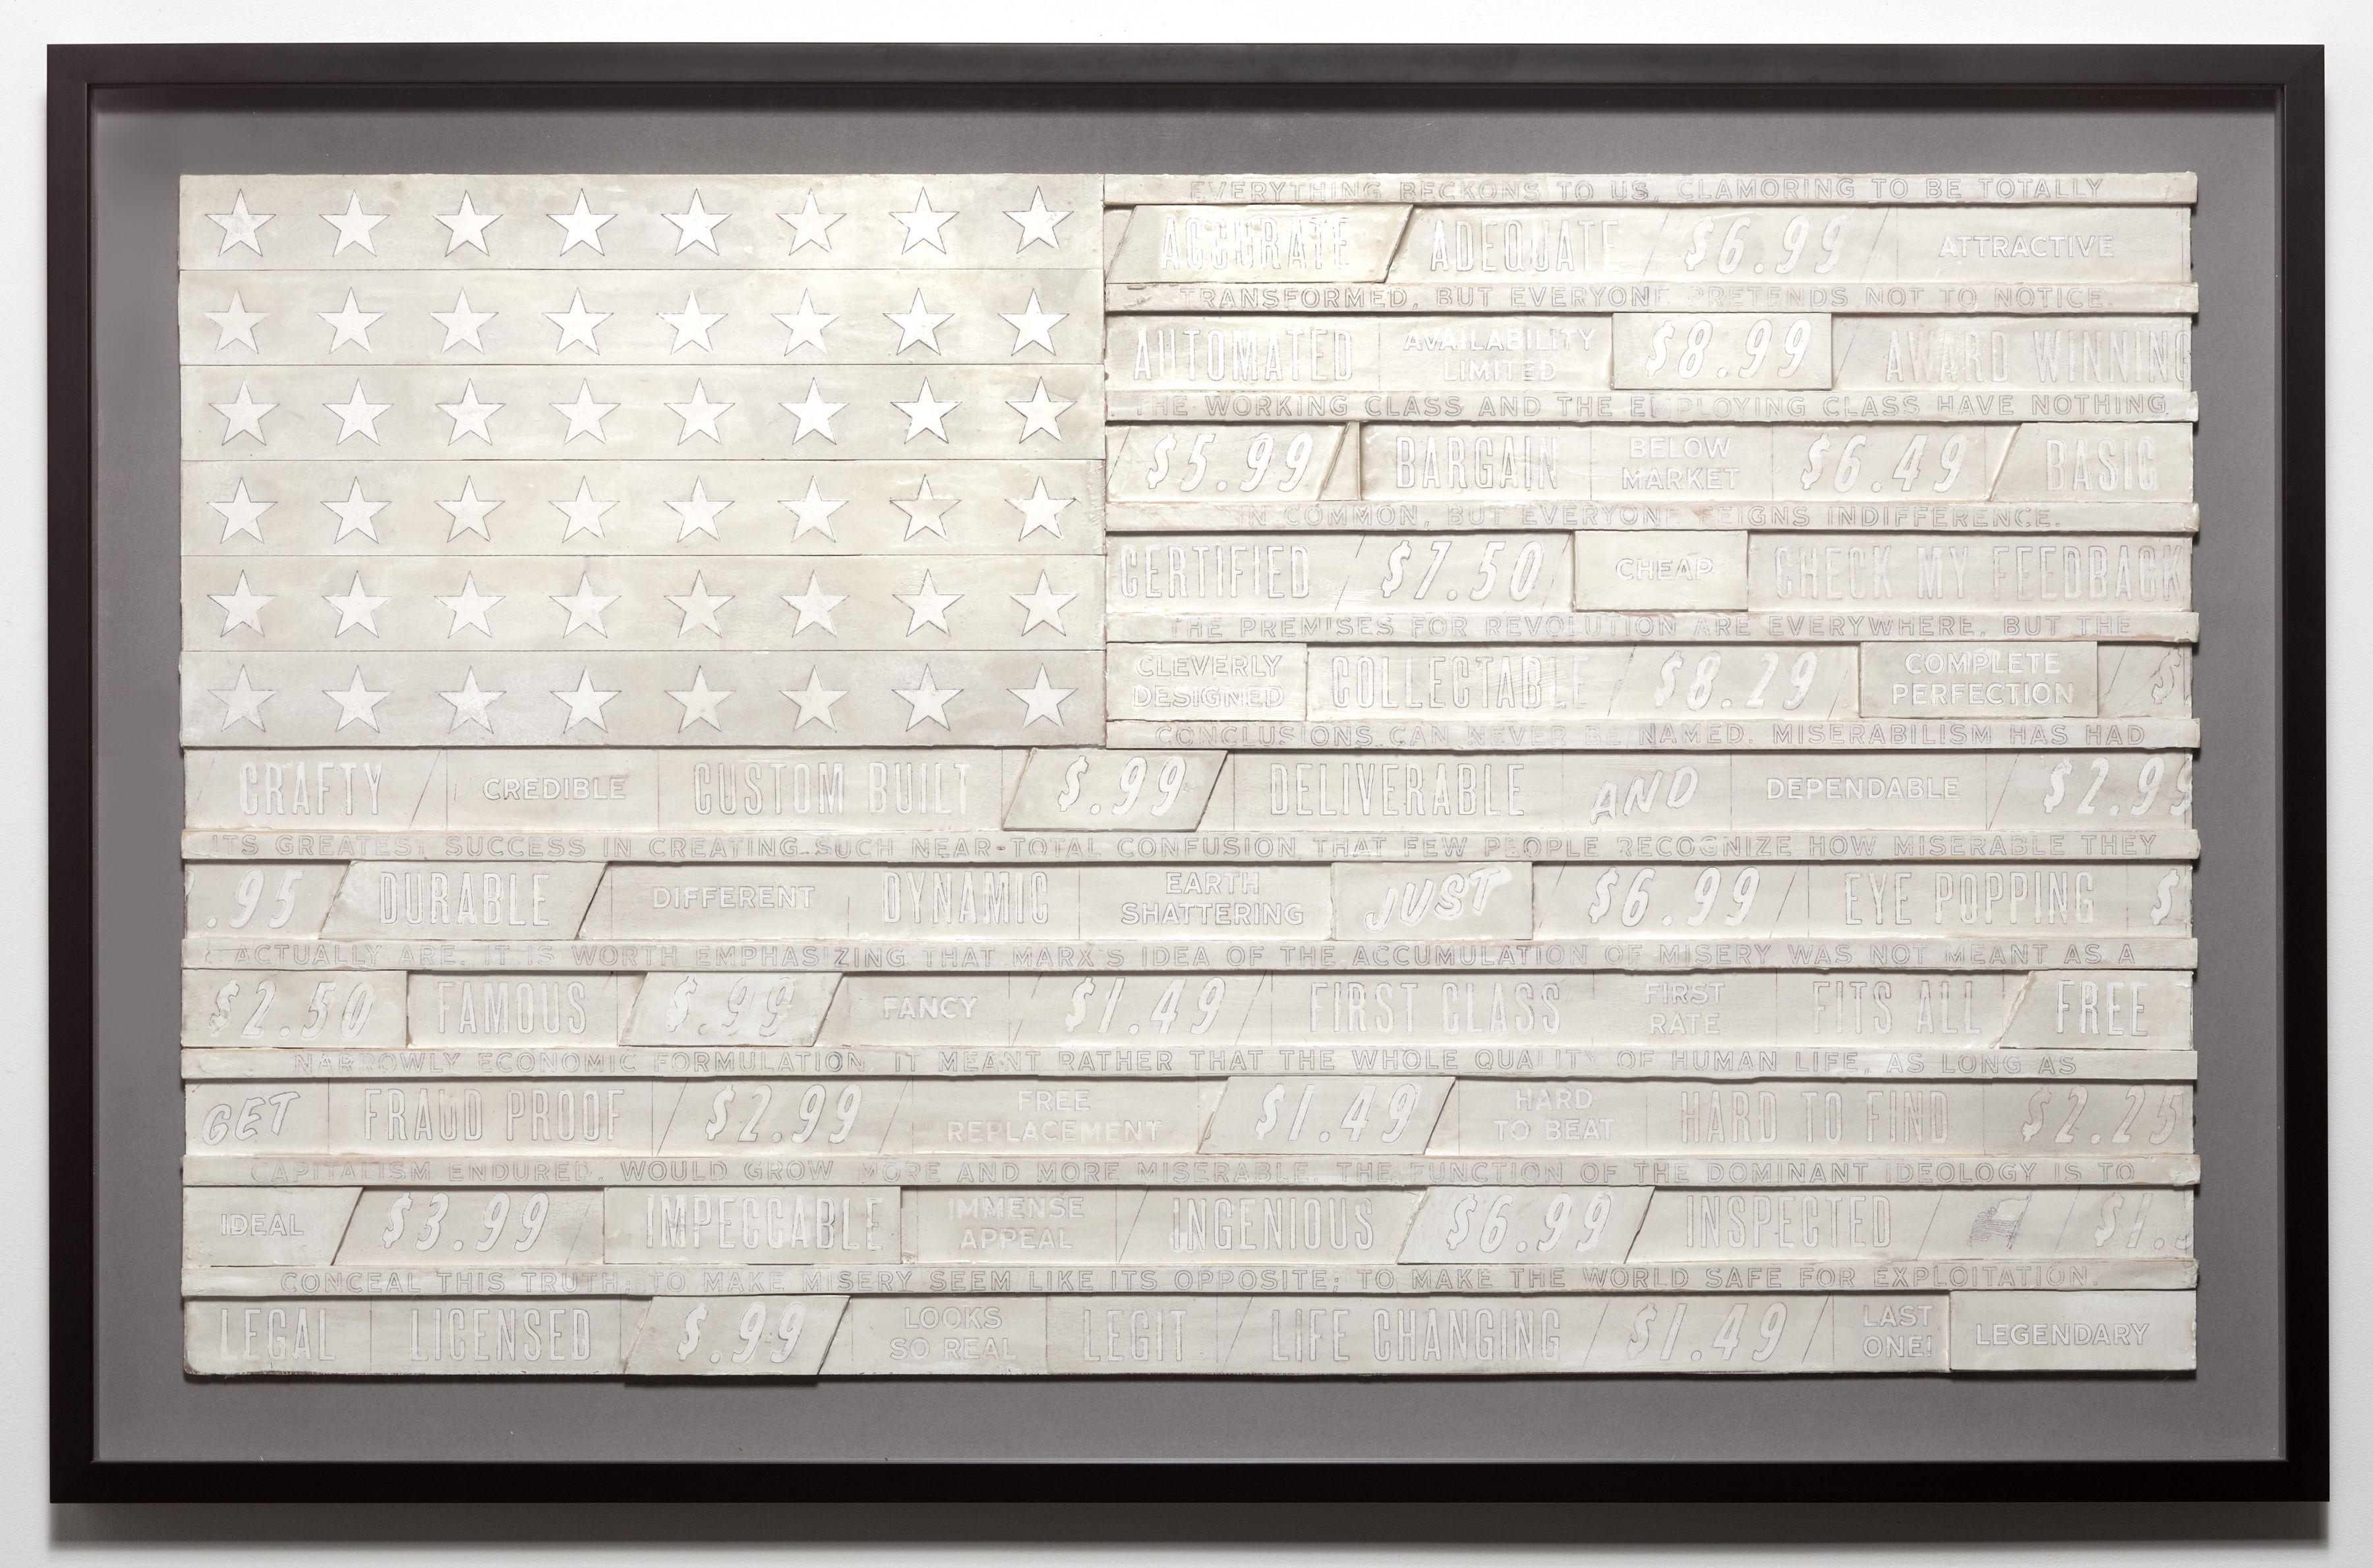 SKYLAR FEIN, White Flag for Franklin Rosemont (large), 2019